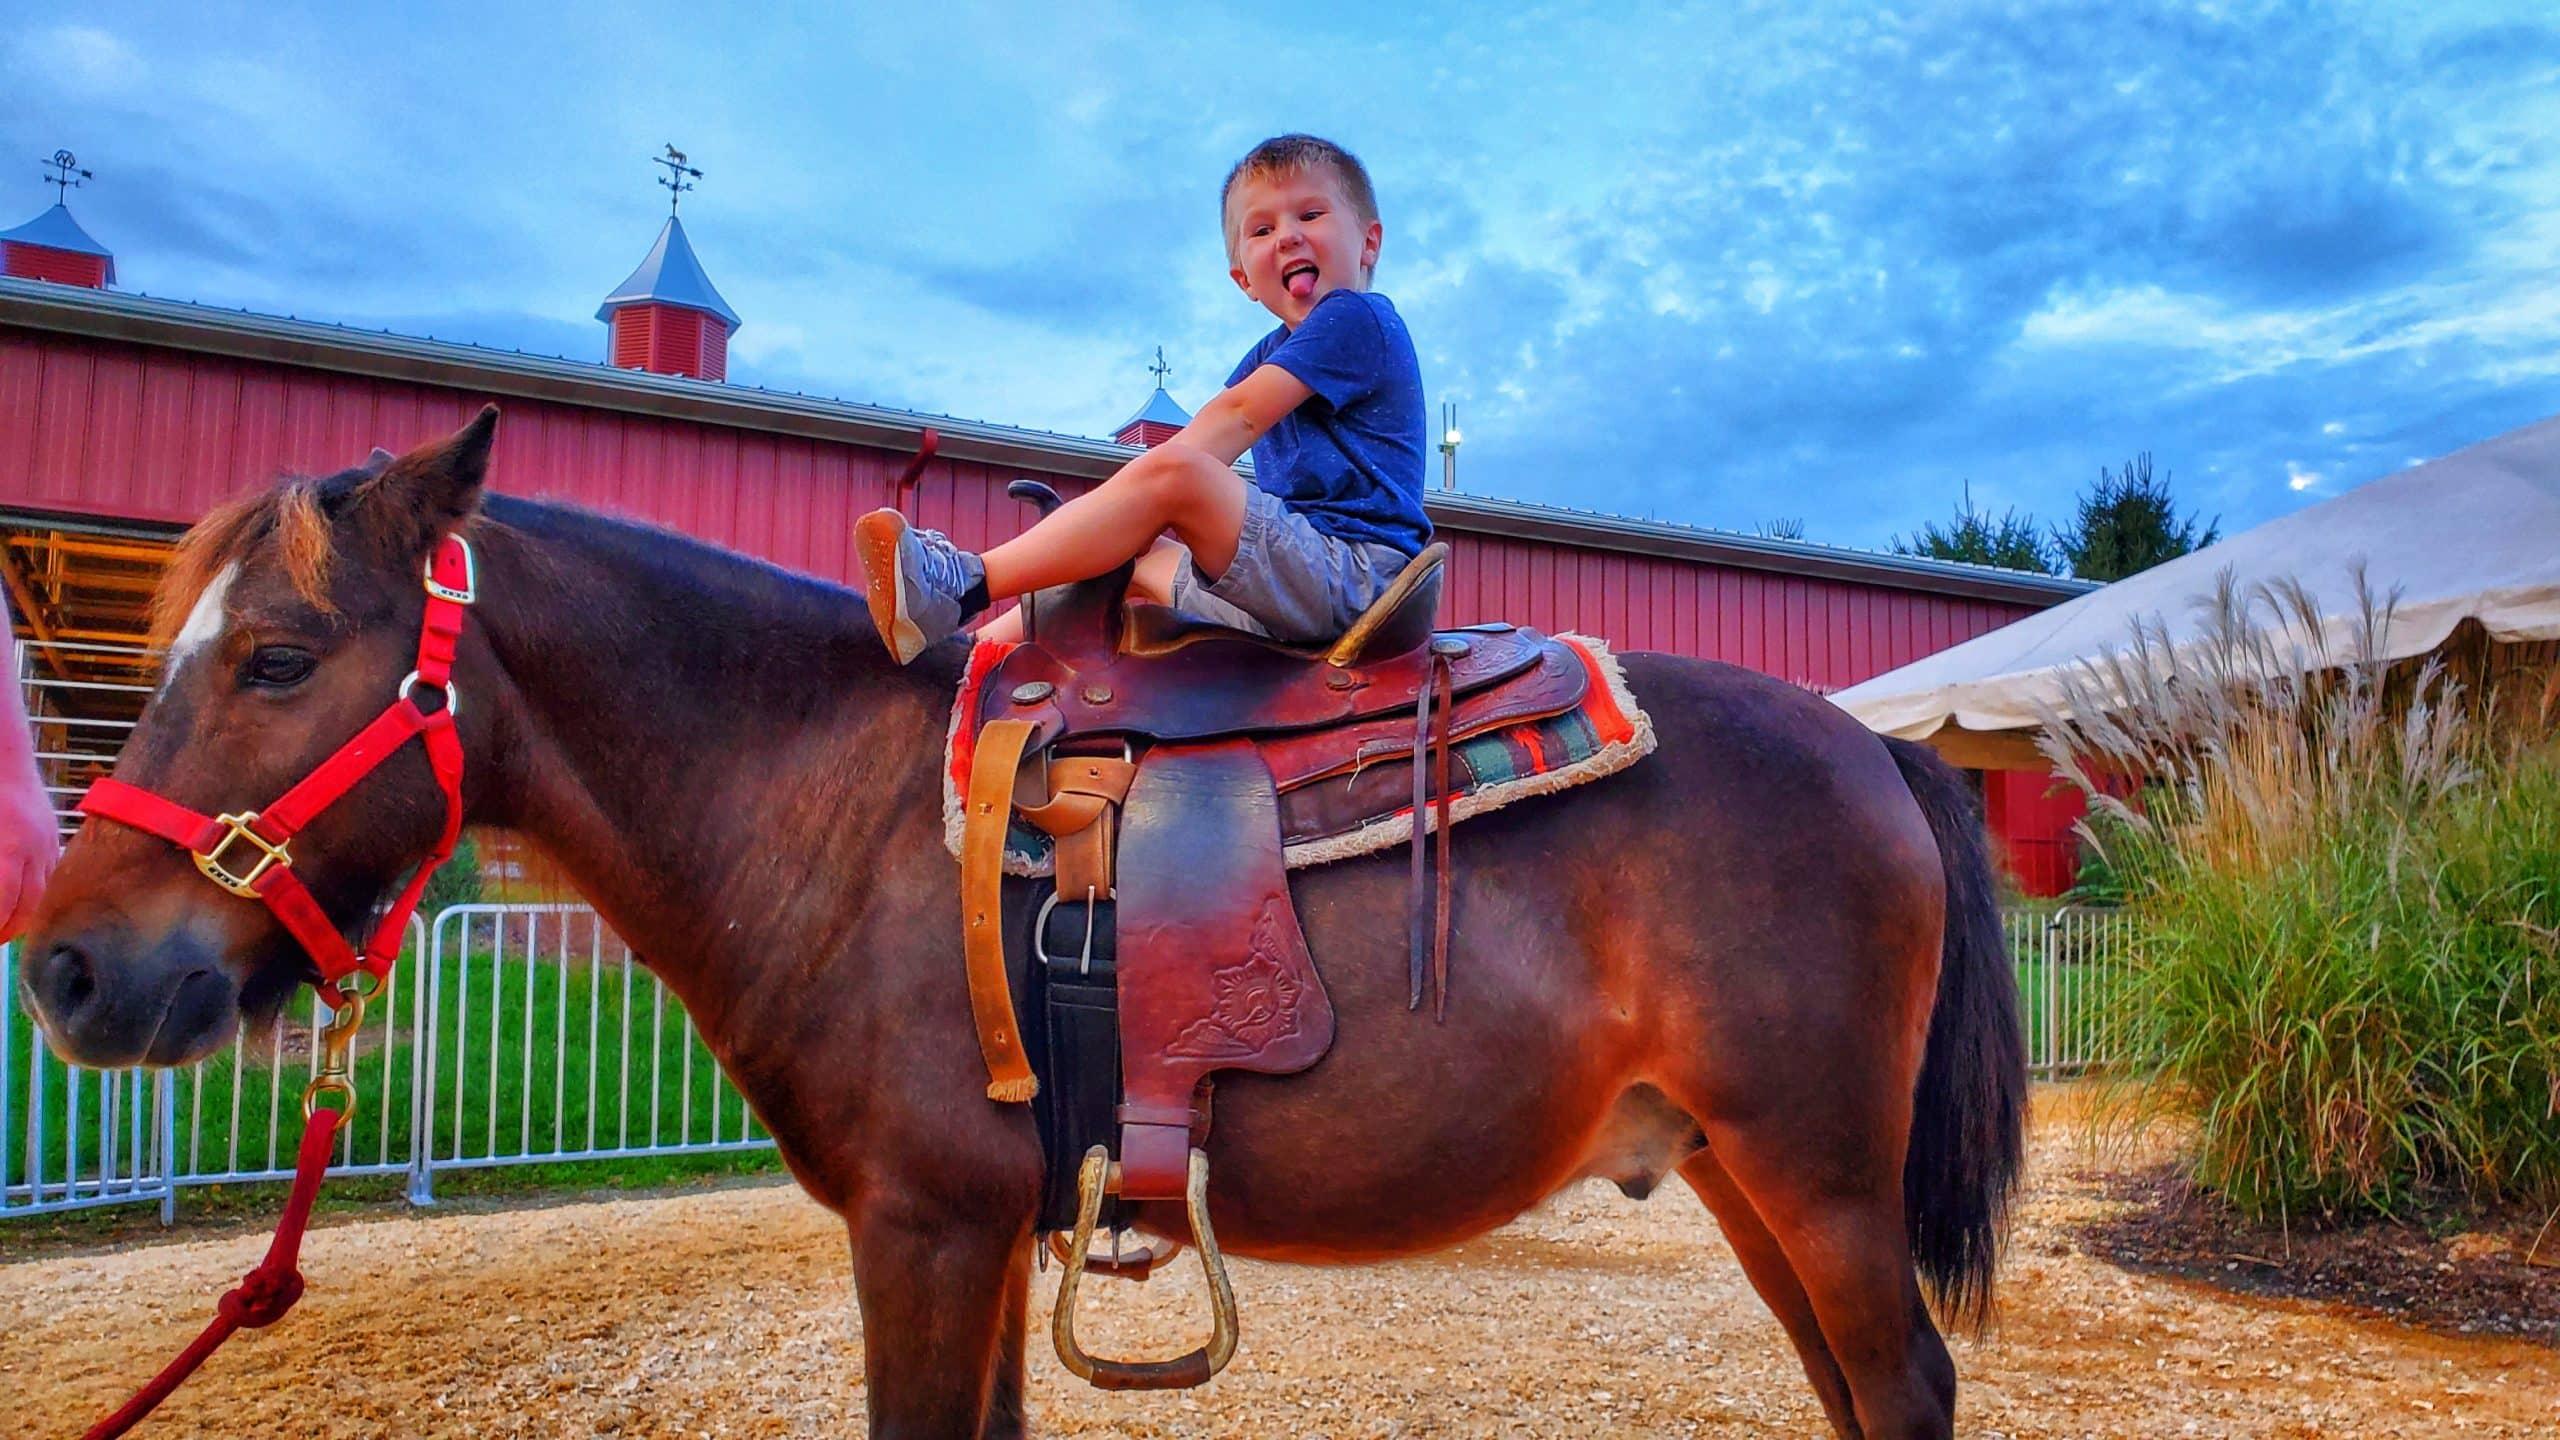 Happy Boy on a Pony